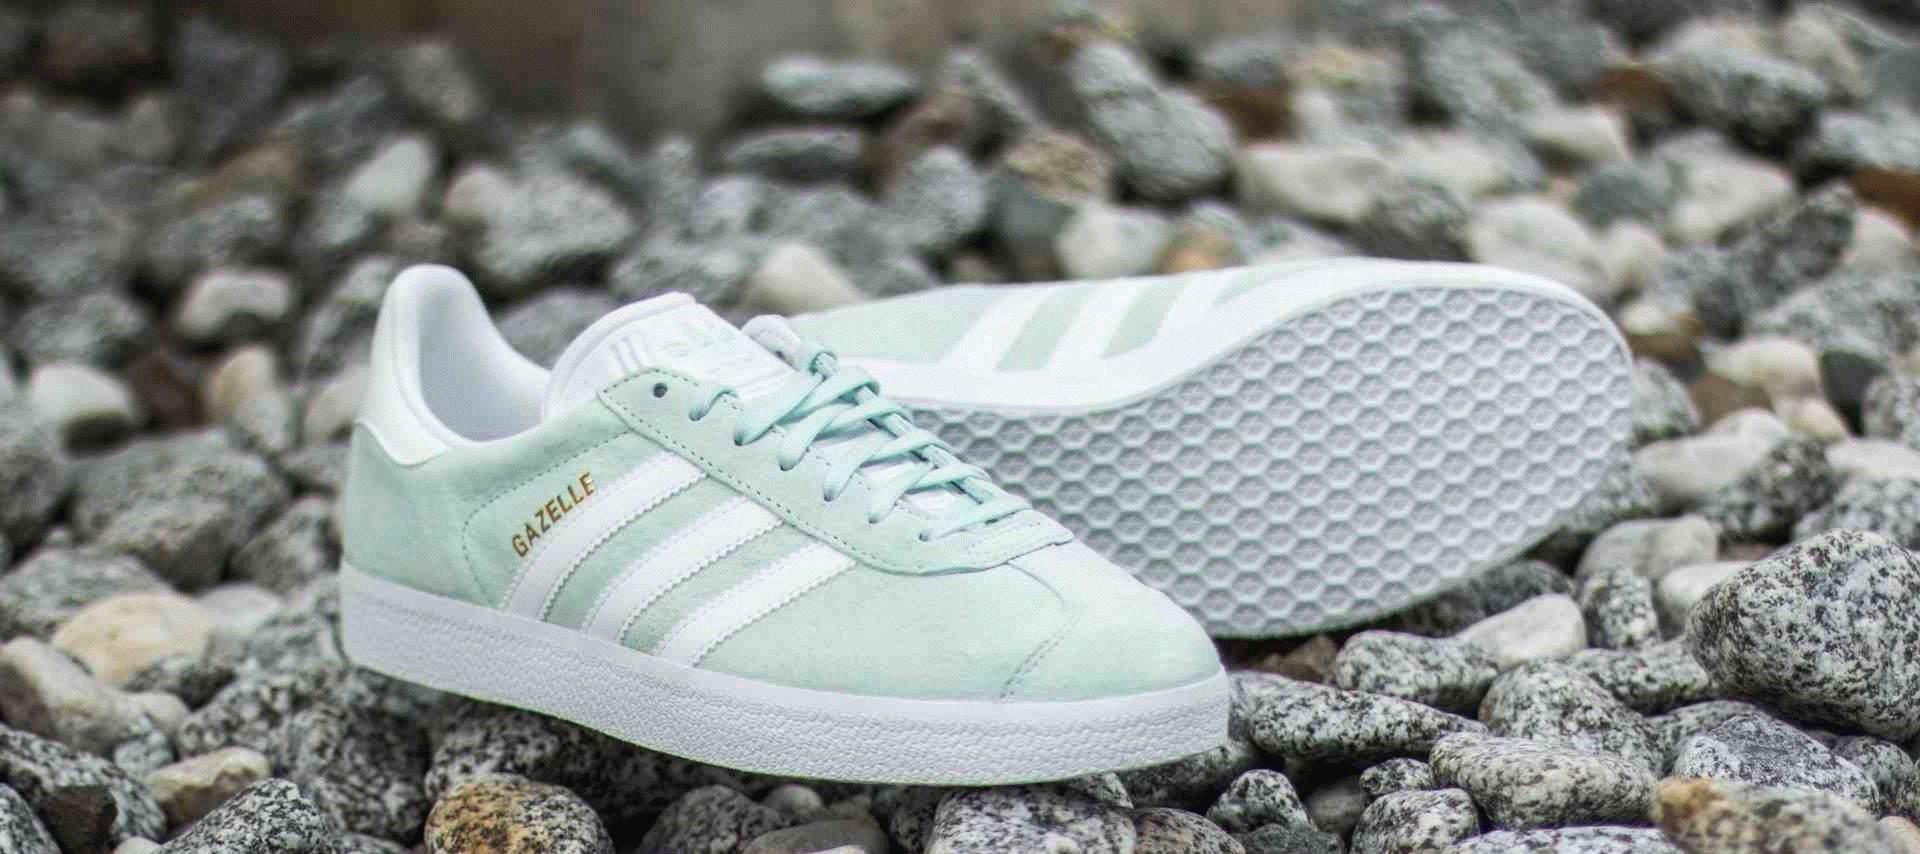 f8ad8599a Эти кеды от компании Adidas достаточно просты на первый взгляд, но так  кажется лишь сначала. Линейку Gazelle полюбили подростки, модники и люди,  ...